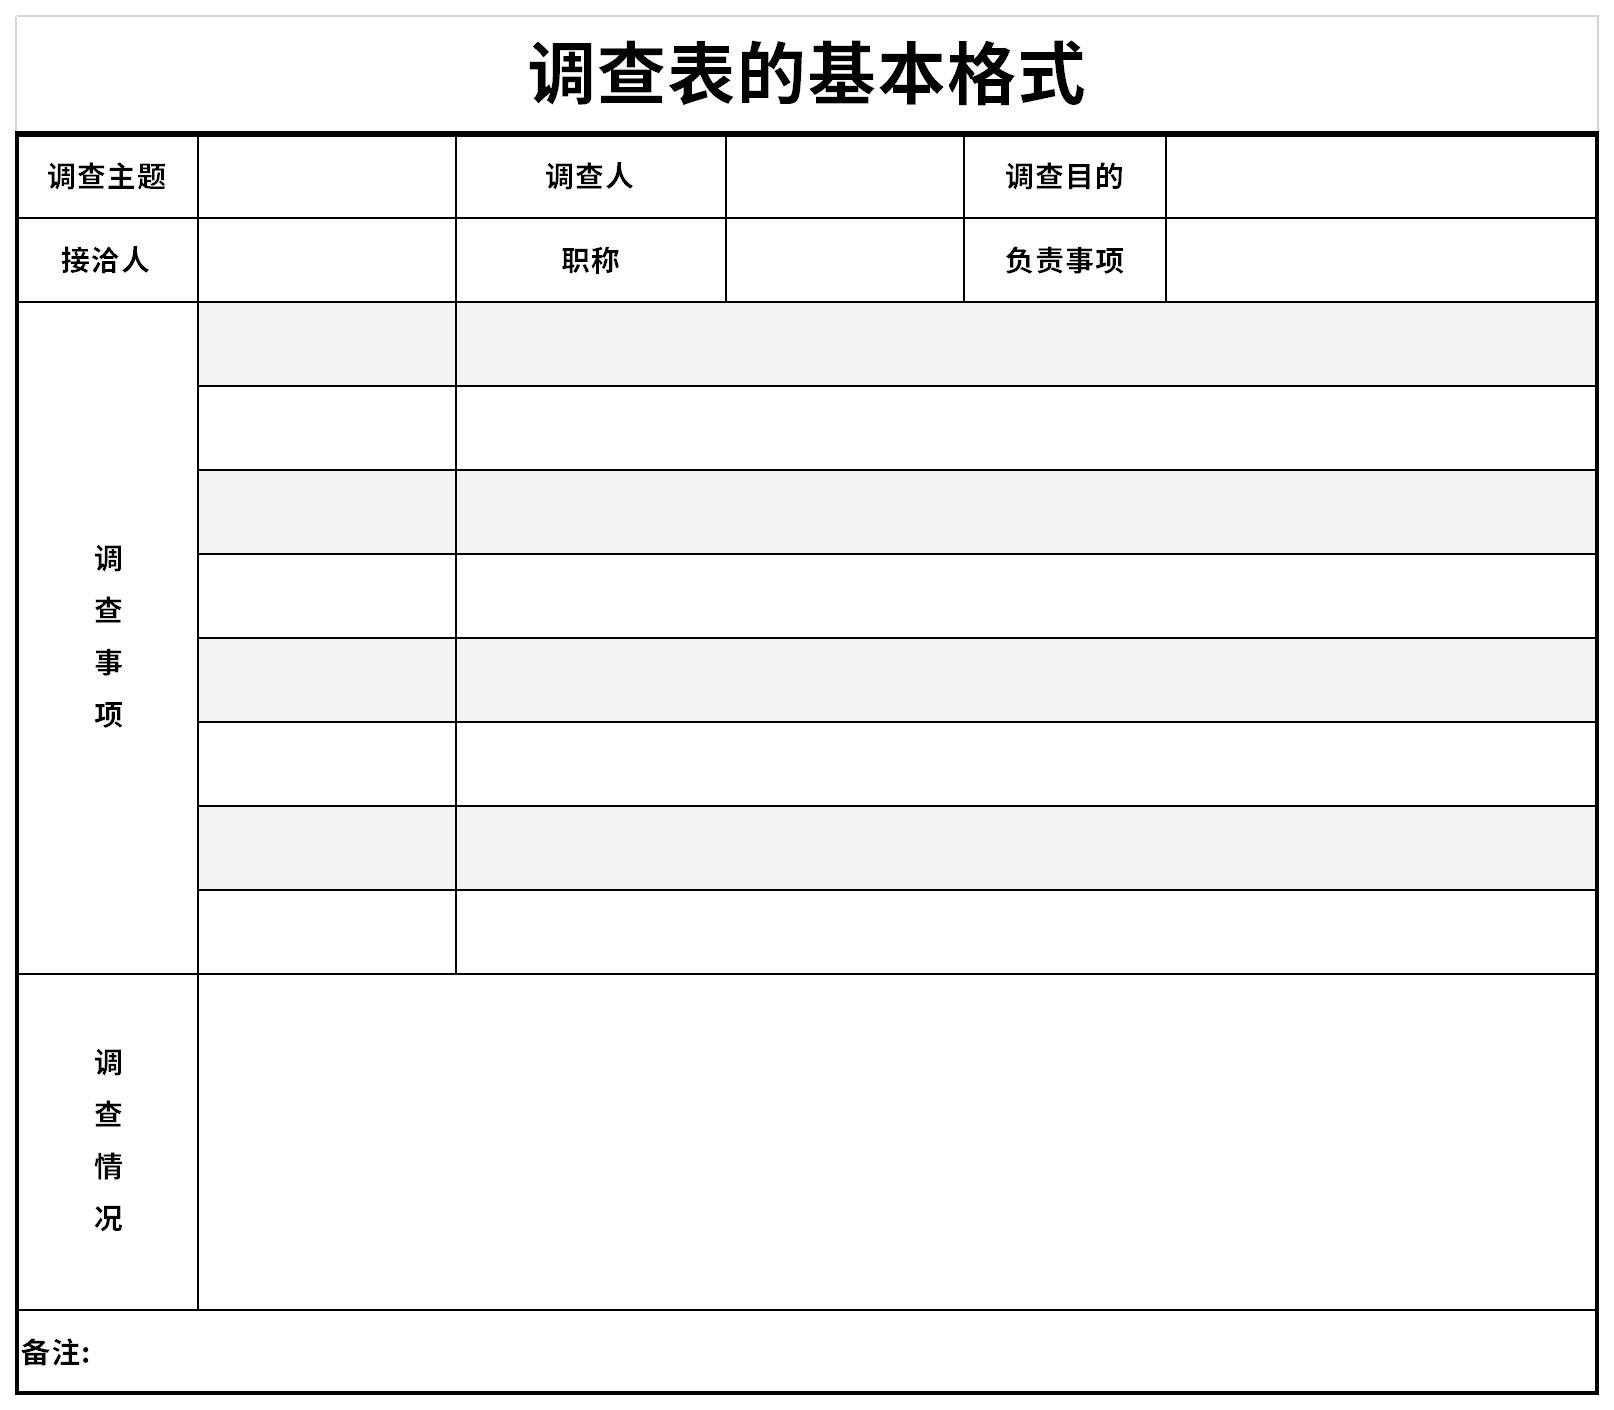 调查表的基本表截图